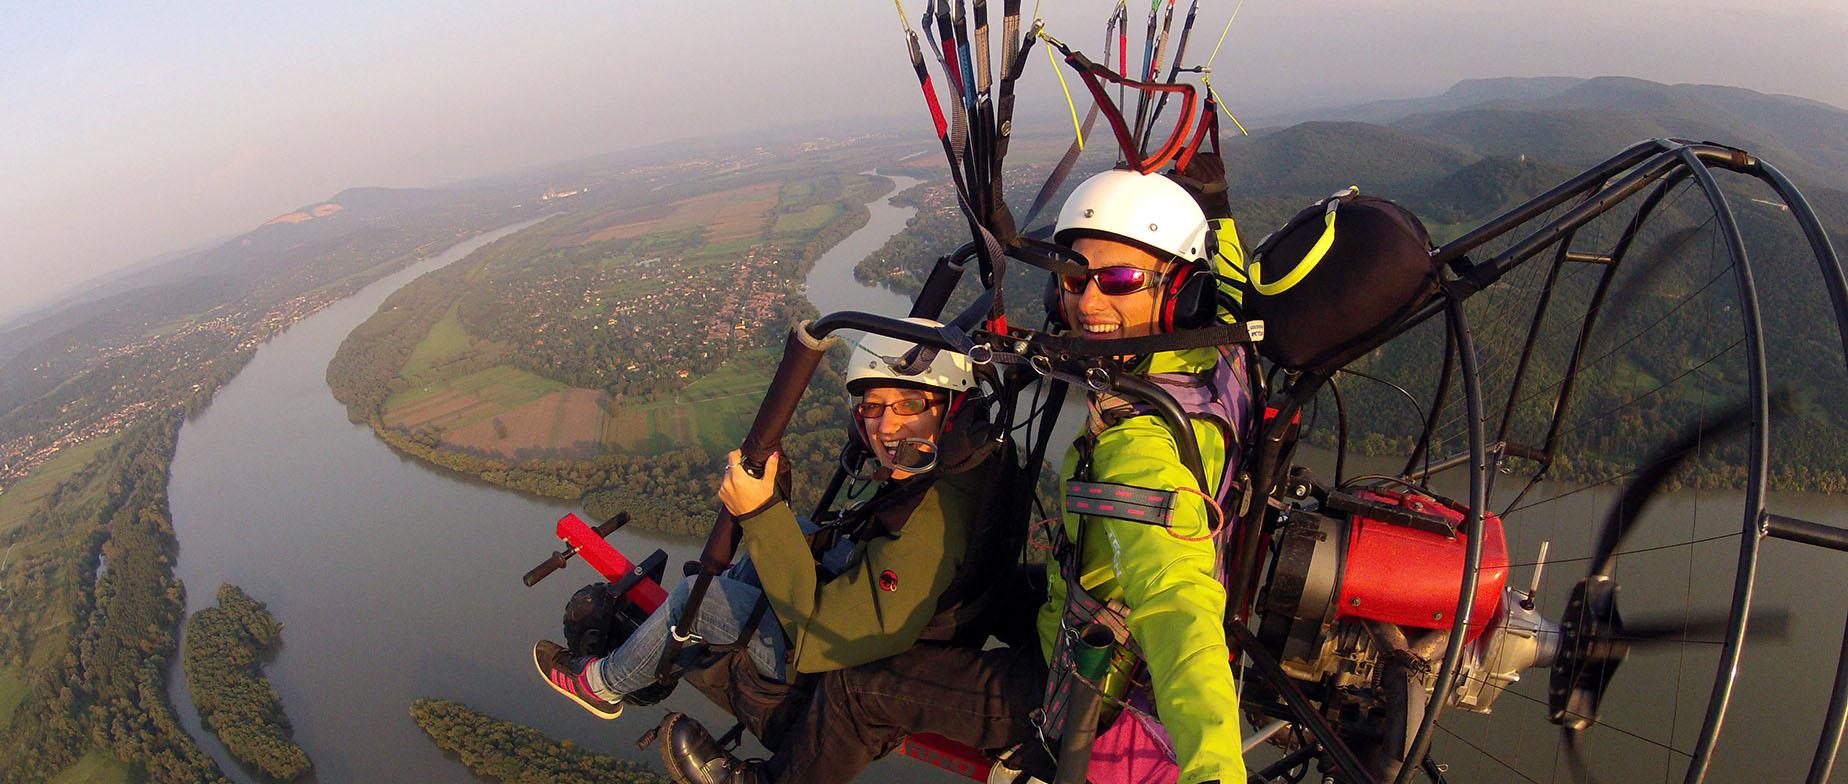 Motoros siklóernyőzés a Dunakanyarban